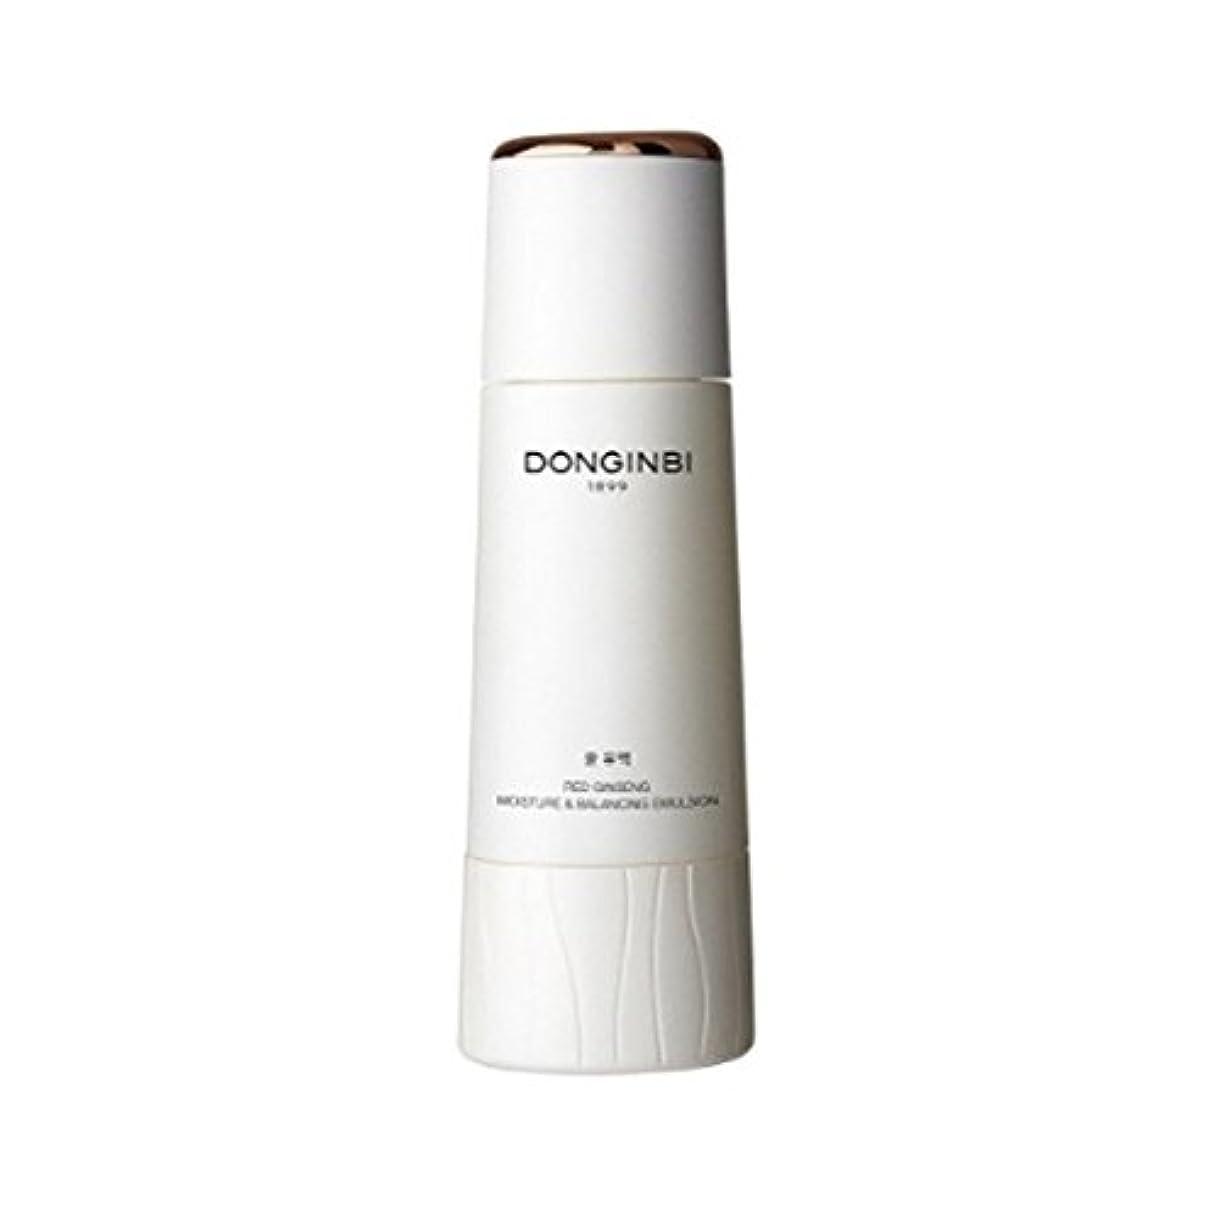 マーチャンダイジングホップりんご[ドンインビ]DONGINBI ドンインビユン 乳液 130ml 海外直送品 Emulsion130ml [並行輸入品]